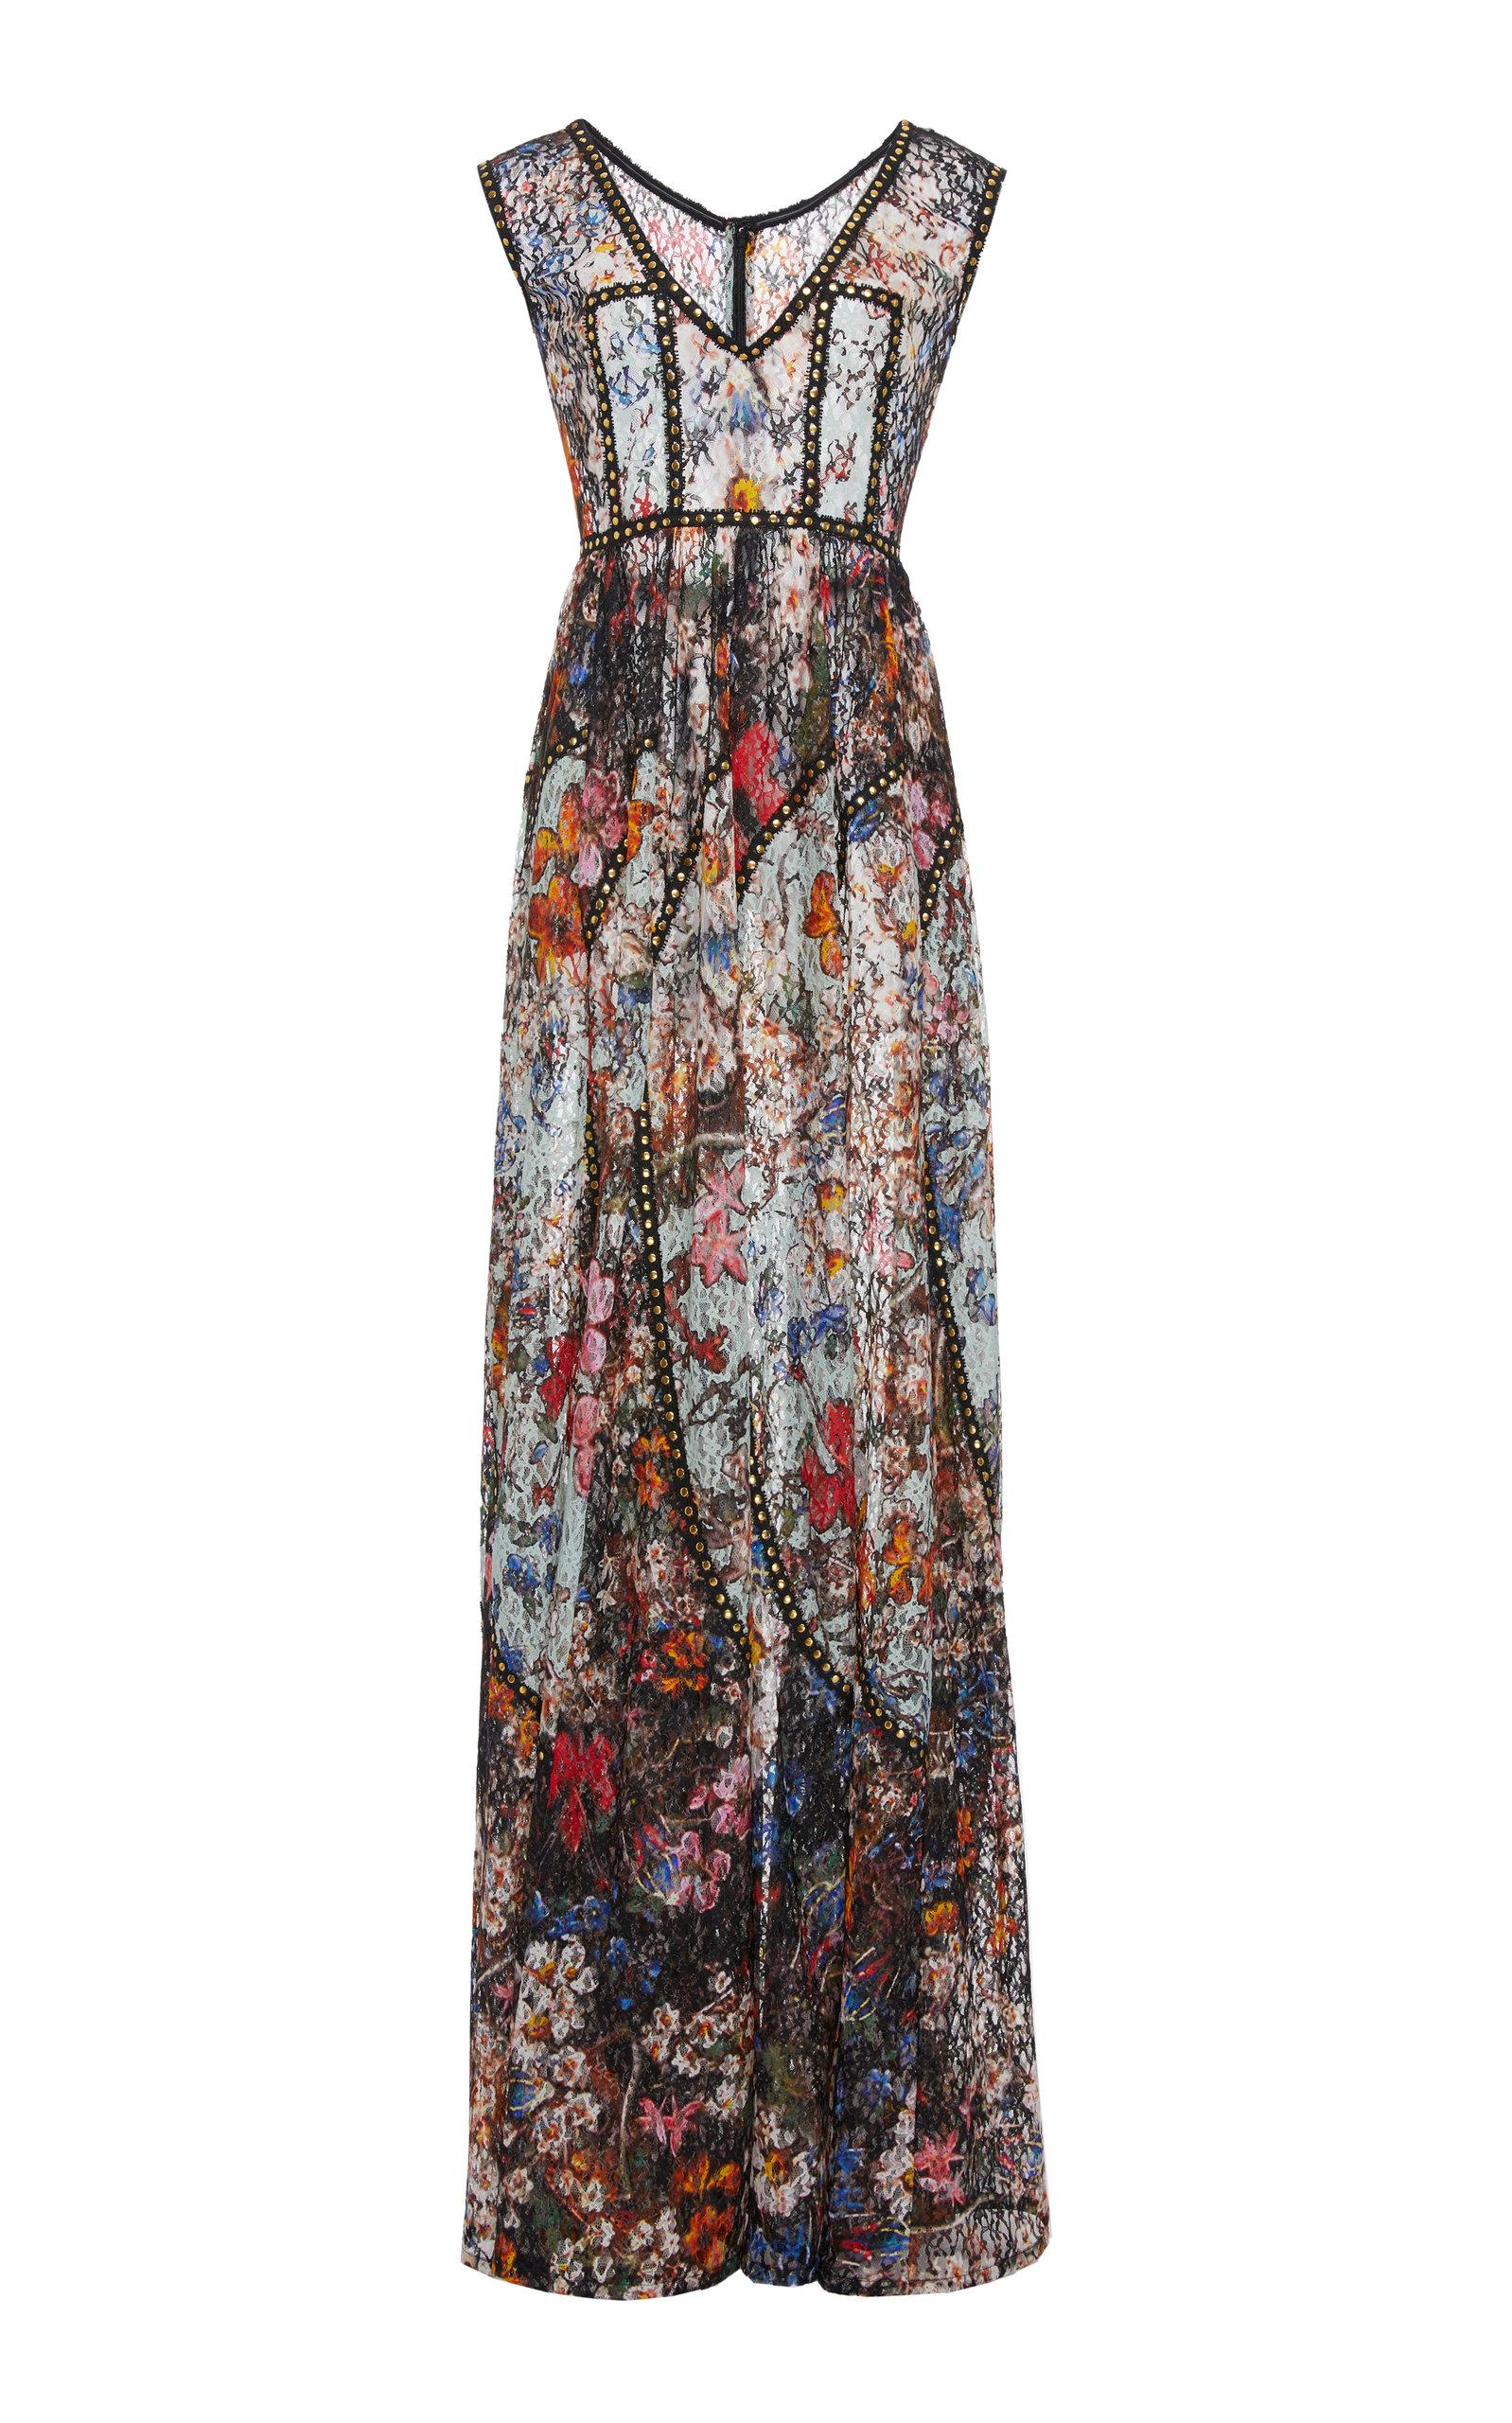 963ba2ff1e2 Elie SaabFloral Printed Lace Maxi Dress. CLOSE. Loading